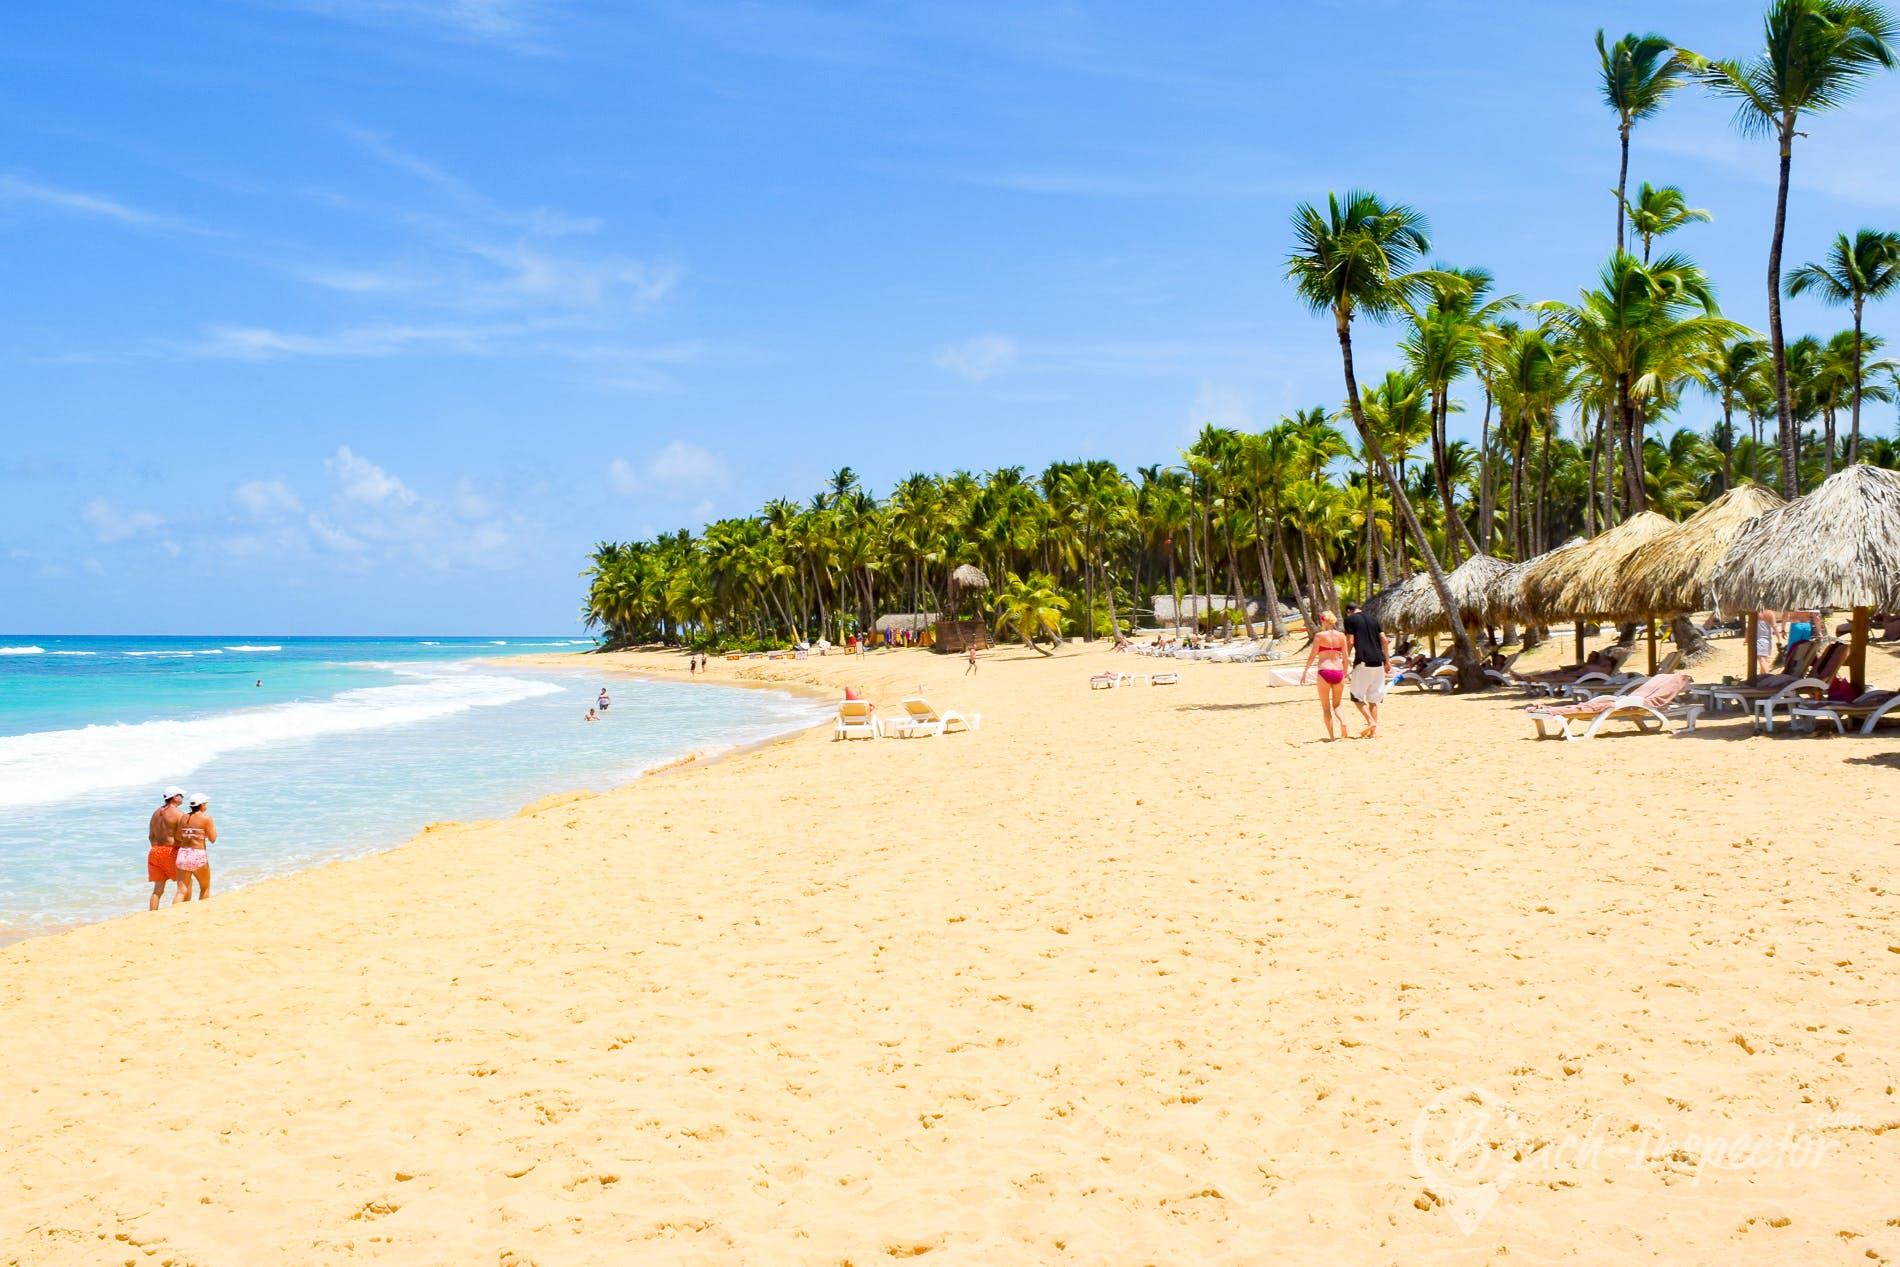 Beach Uvero Alto, Dominican Republic, Dominican Republic